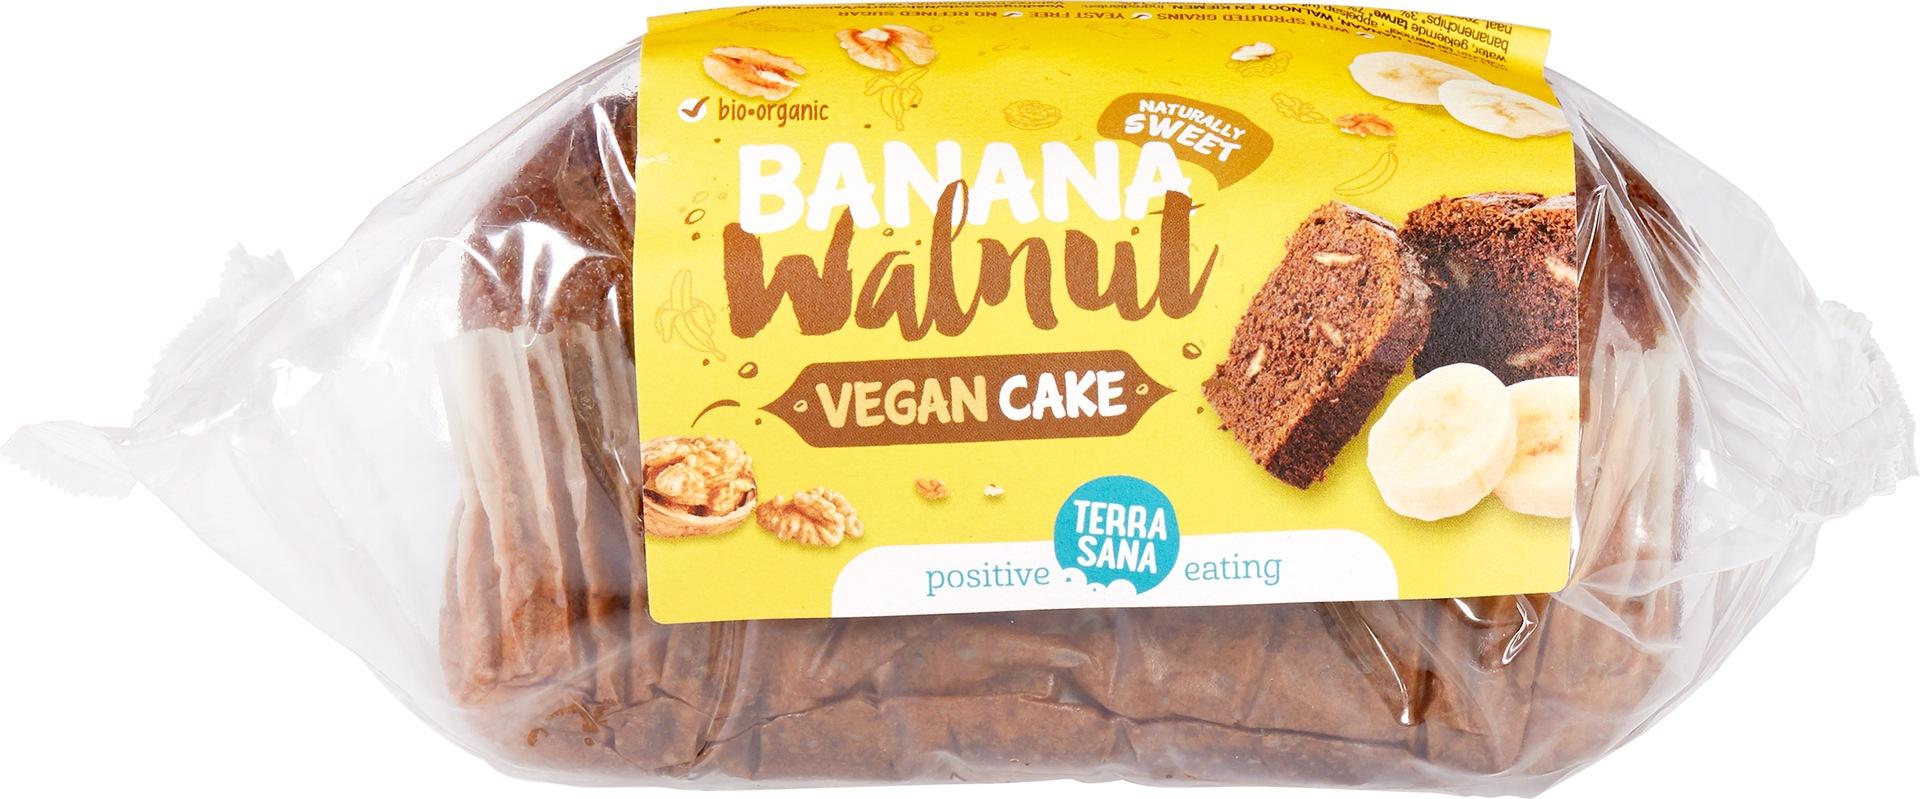 Biologische TerraSana Vegan cake banaan walnoot 350 gr